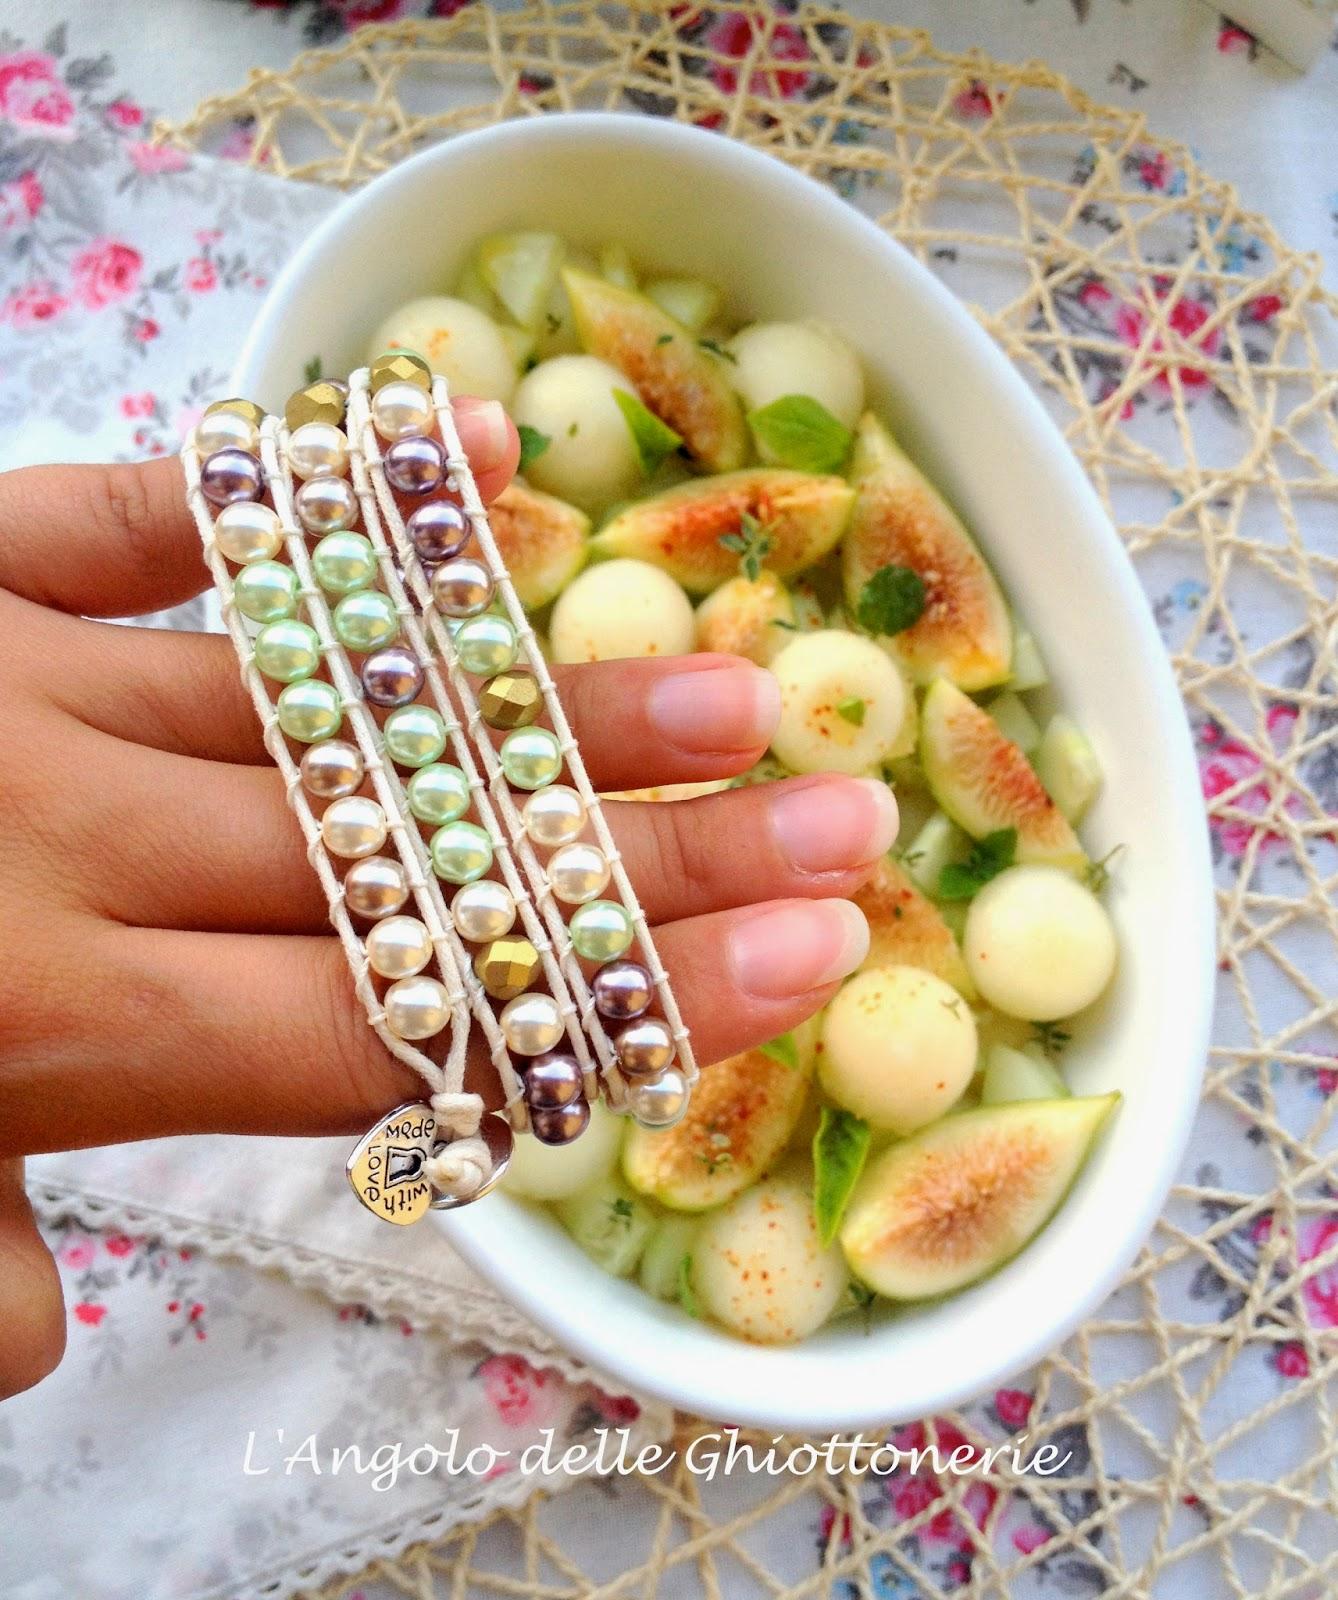 insalata di preziosi. con perle naturali di melone bianco e fichi taglio navette